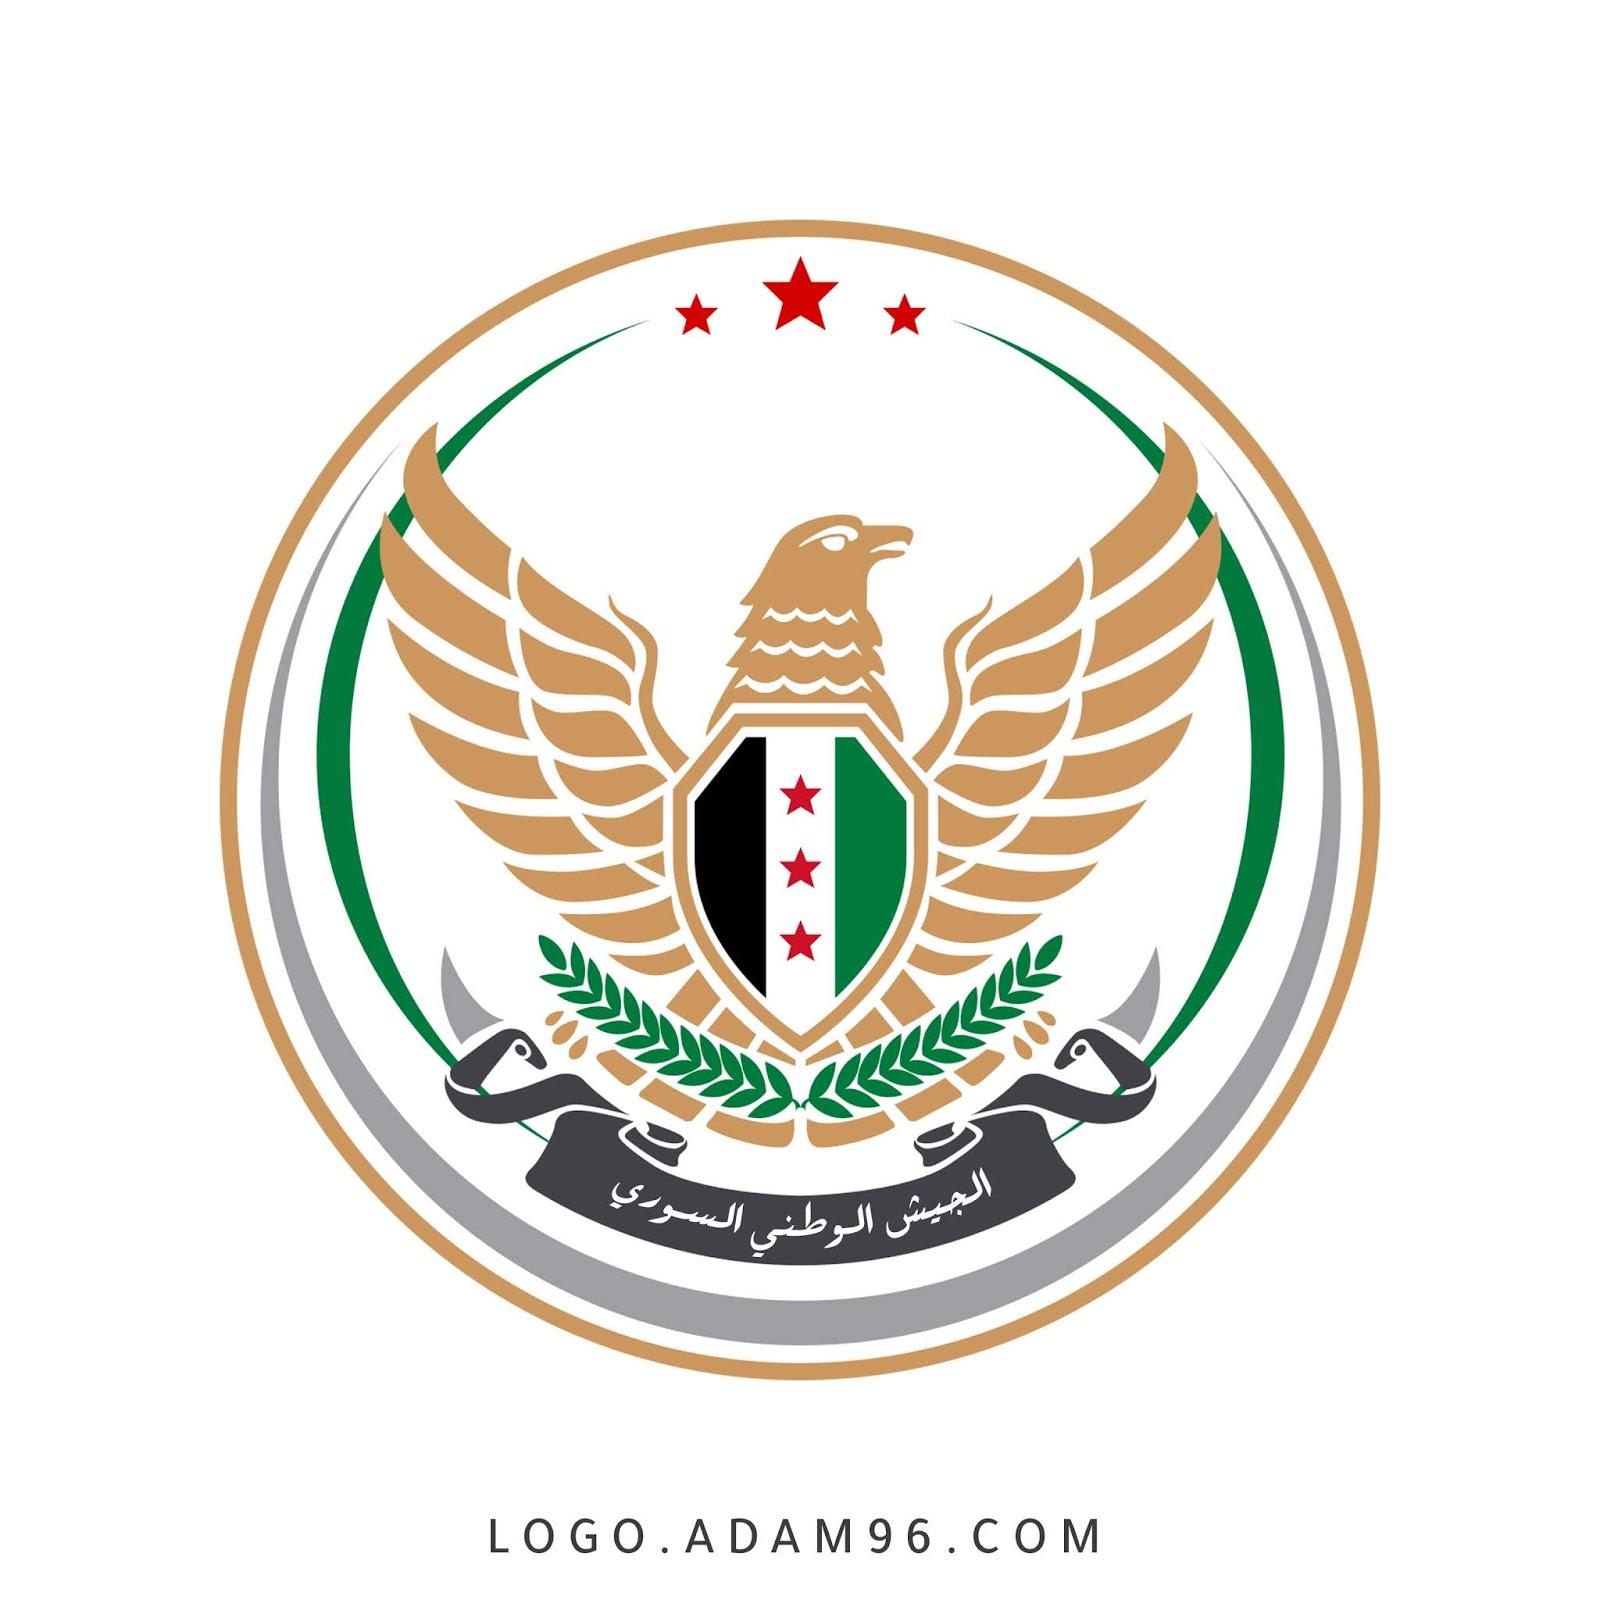 تحميل شعار الجيش الوطني السوري الحر PNG